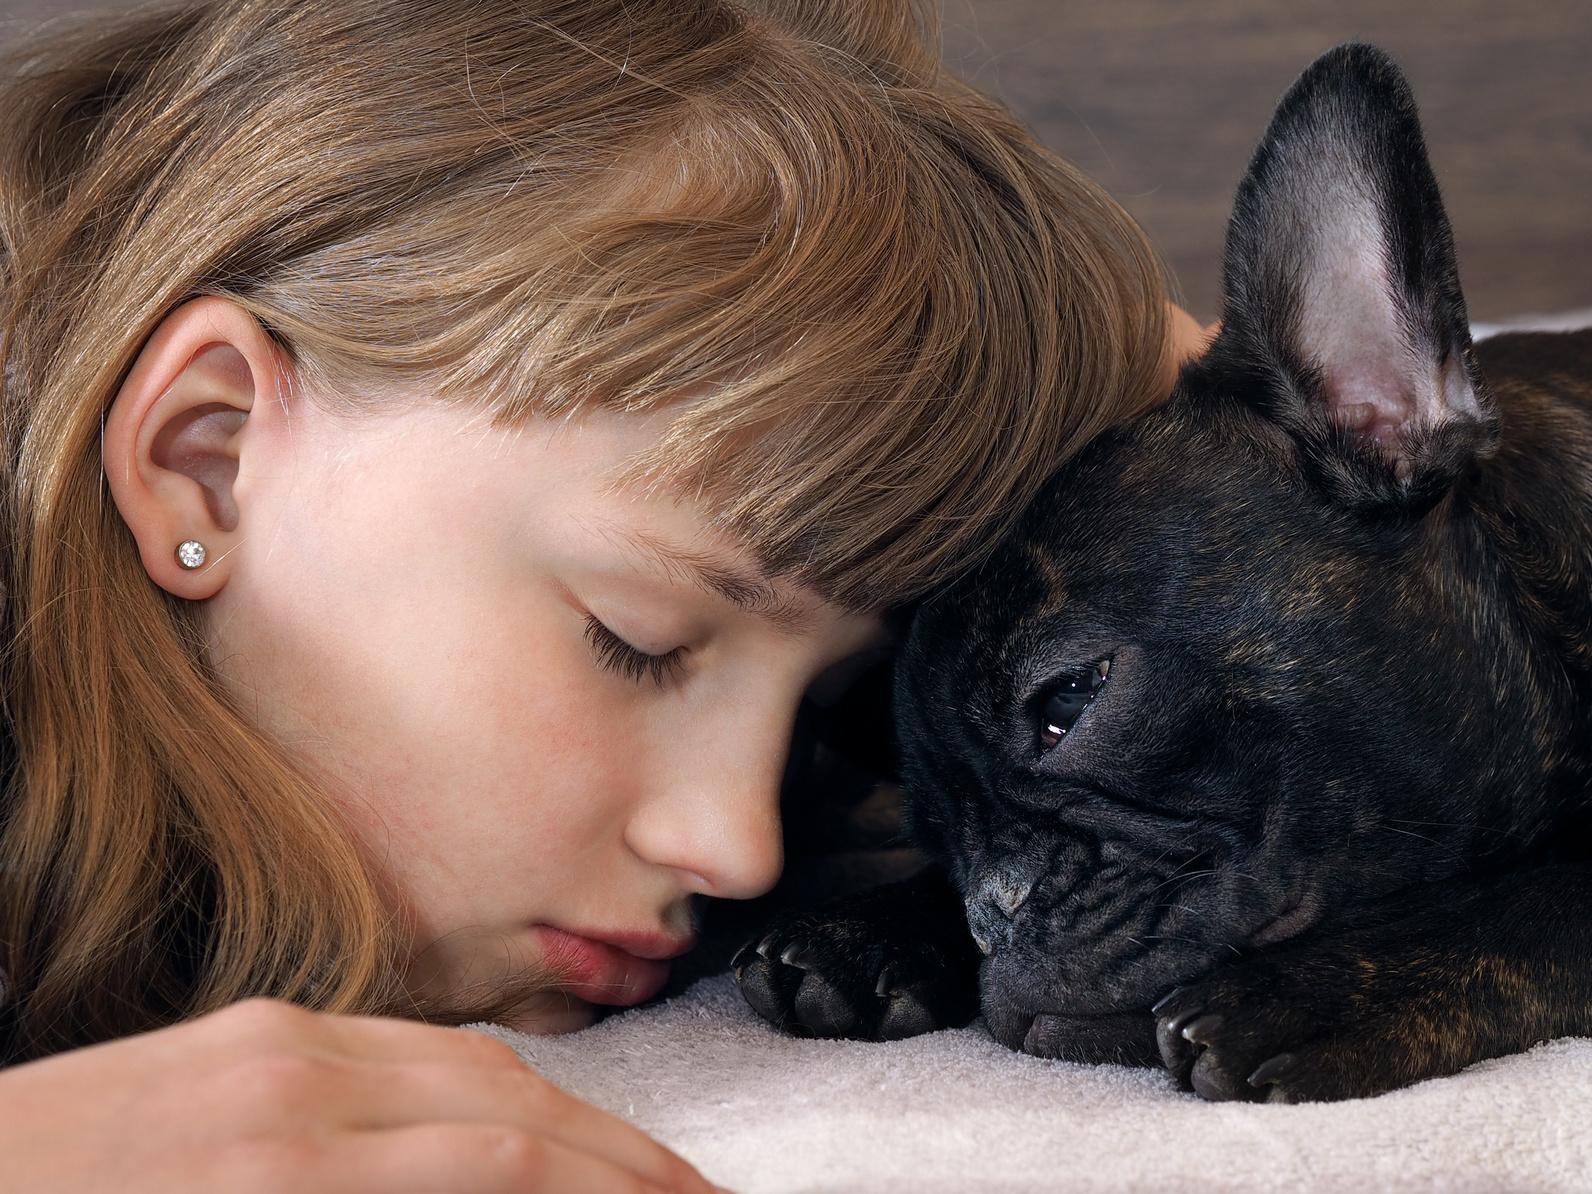 Verstehen sich Französische Bulldogge mit Kindern?